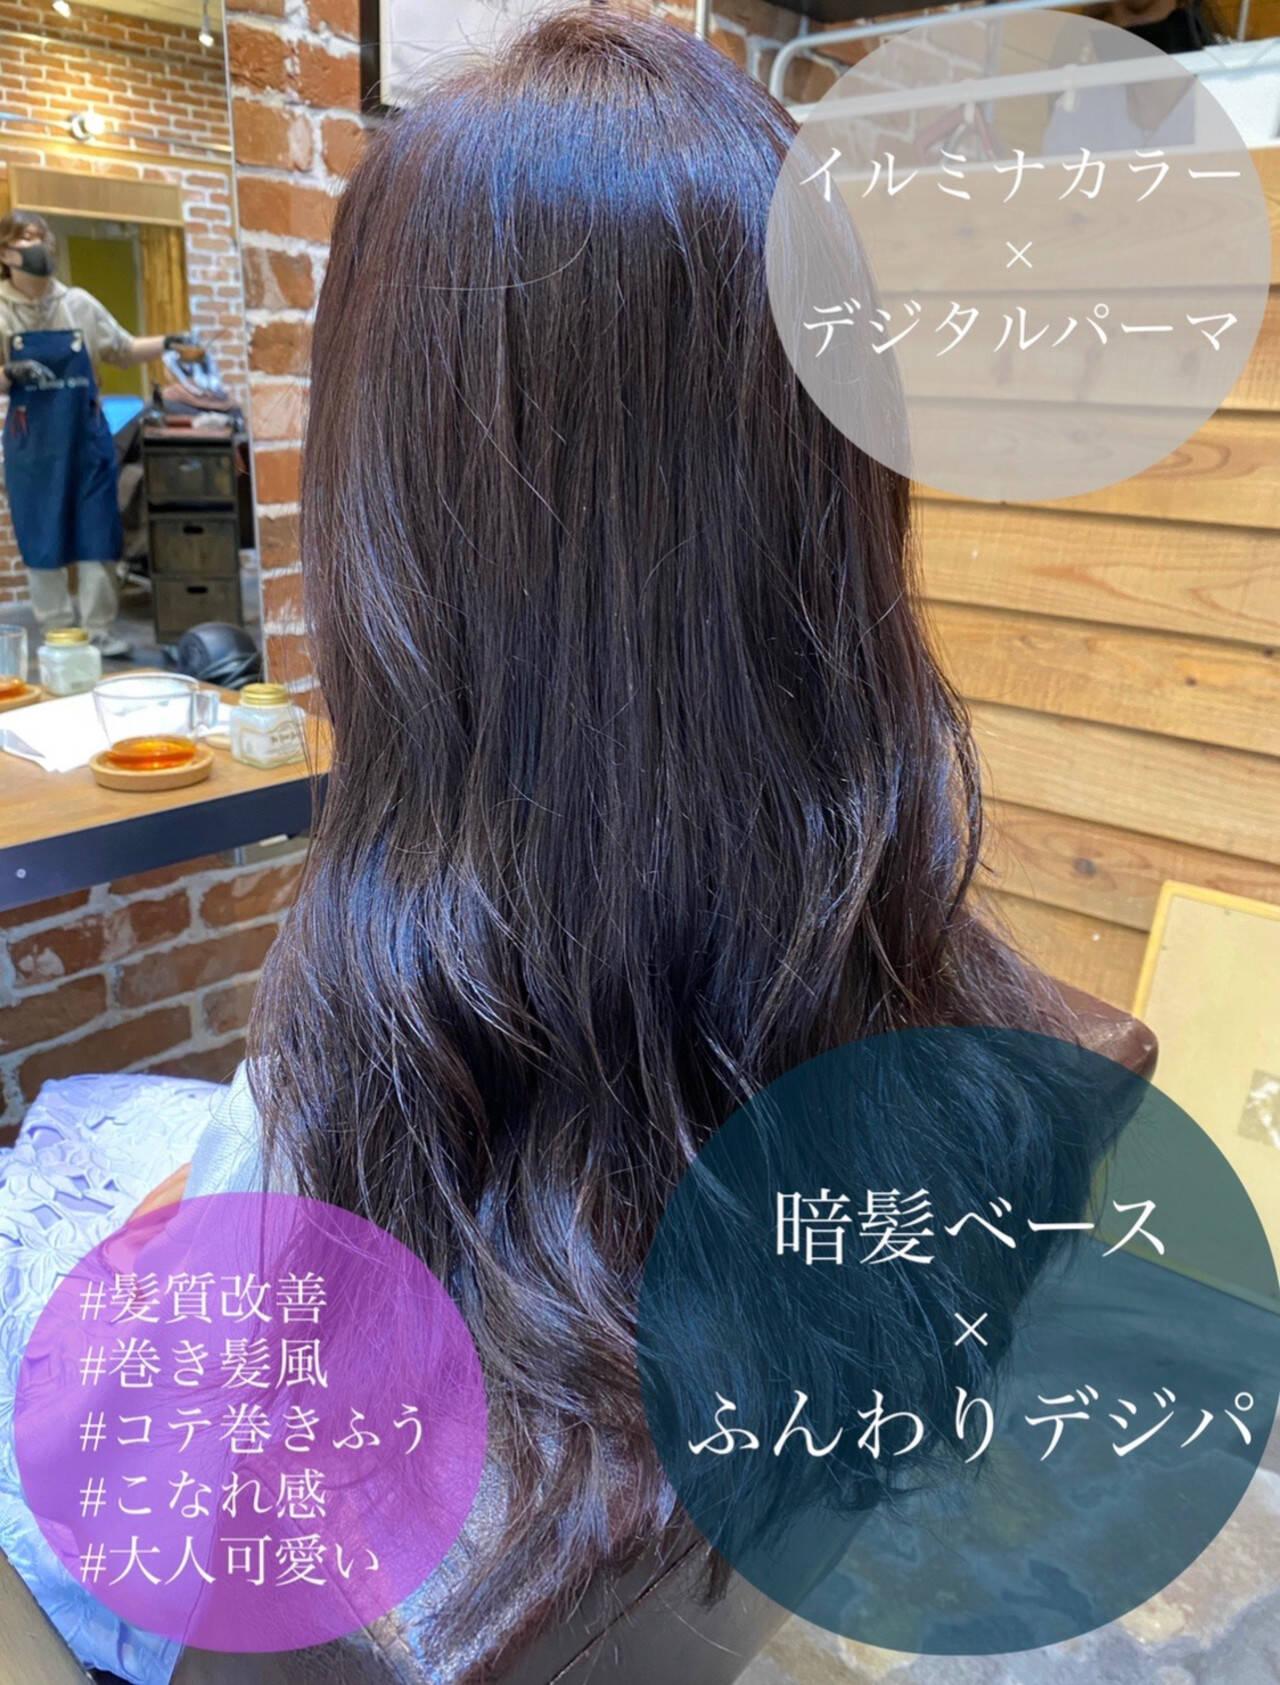 ハイライト イルミナカラー ロングヘア グレージュヘアスタイルや髪型の写真・画像